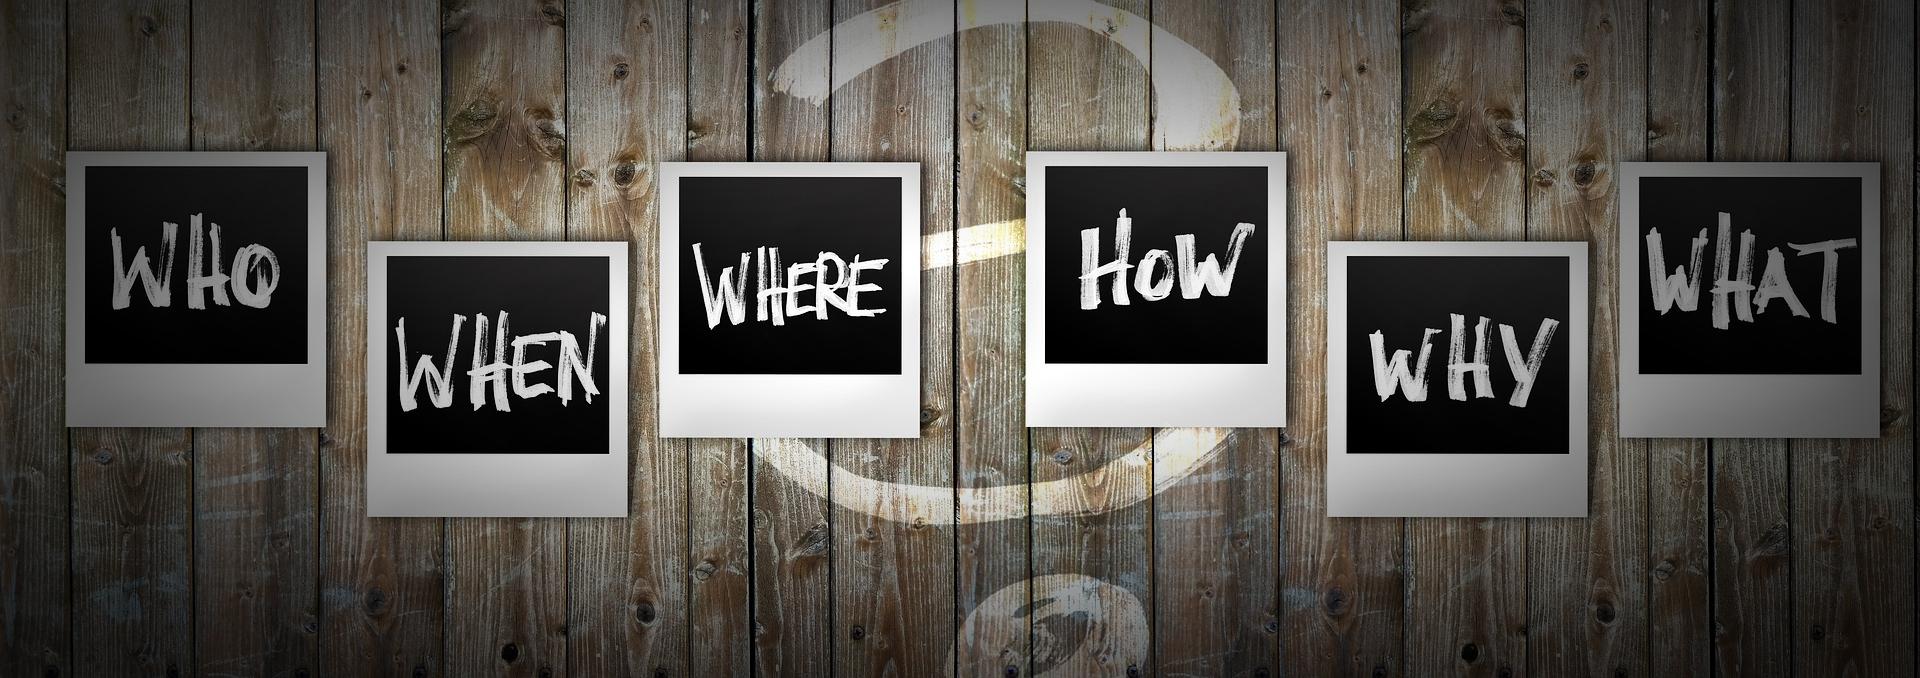 Chi, quando, dove, come, perché, cosa?